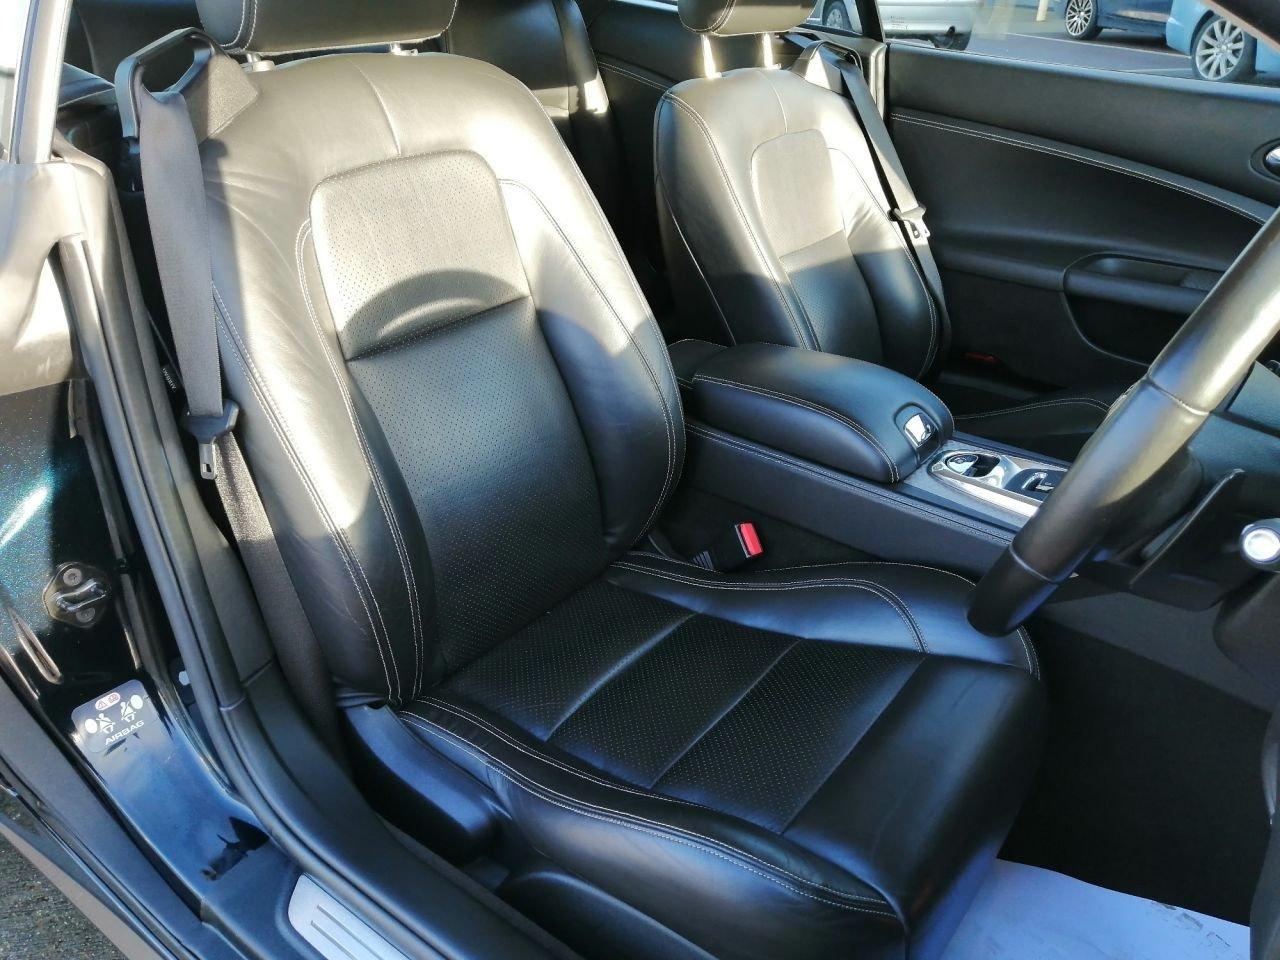 2007 4.2 XKR PORTFOLIO LTD EDITION V8 SUPERCHARGED 4.2 V8 For Sale (picture 4 of 20)